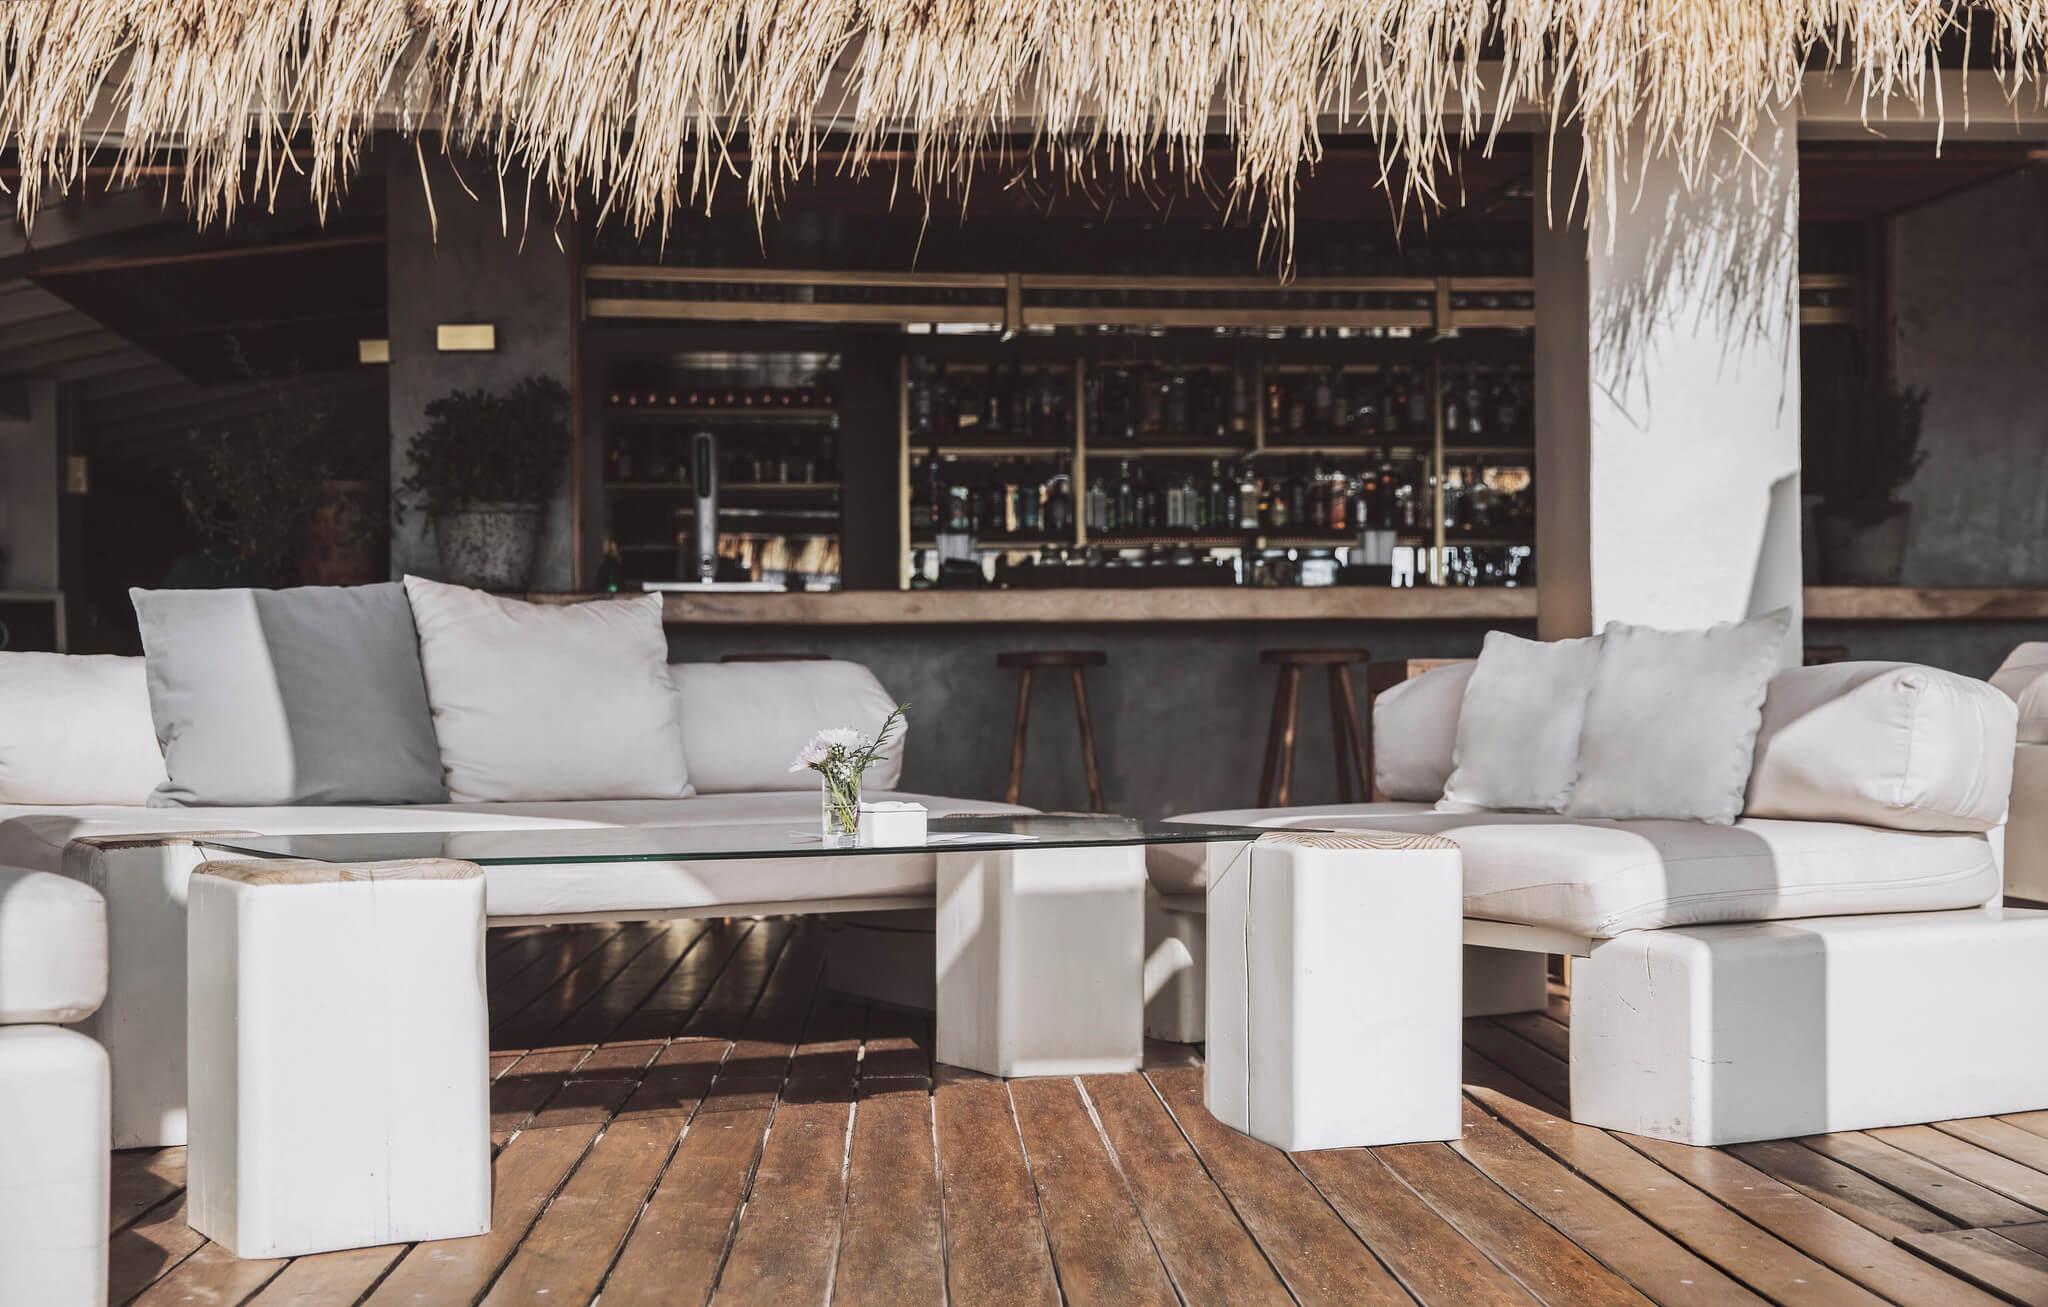 https://www.white-ibiza.com/wp-content/uploads/2020/03/white-ibiza-restaurants-el-chiringuito-2020-08.jpg